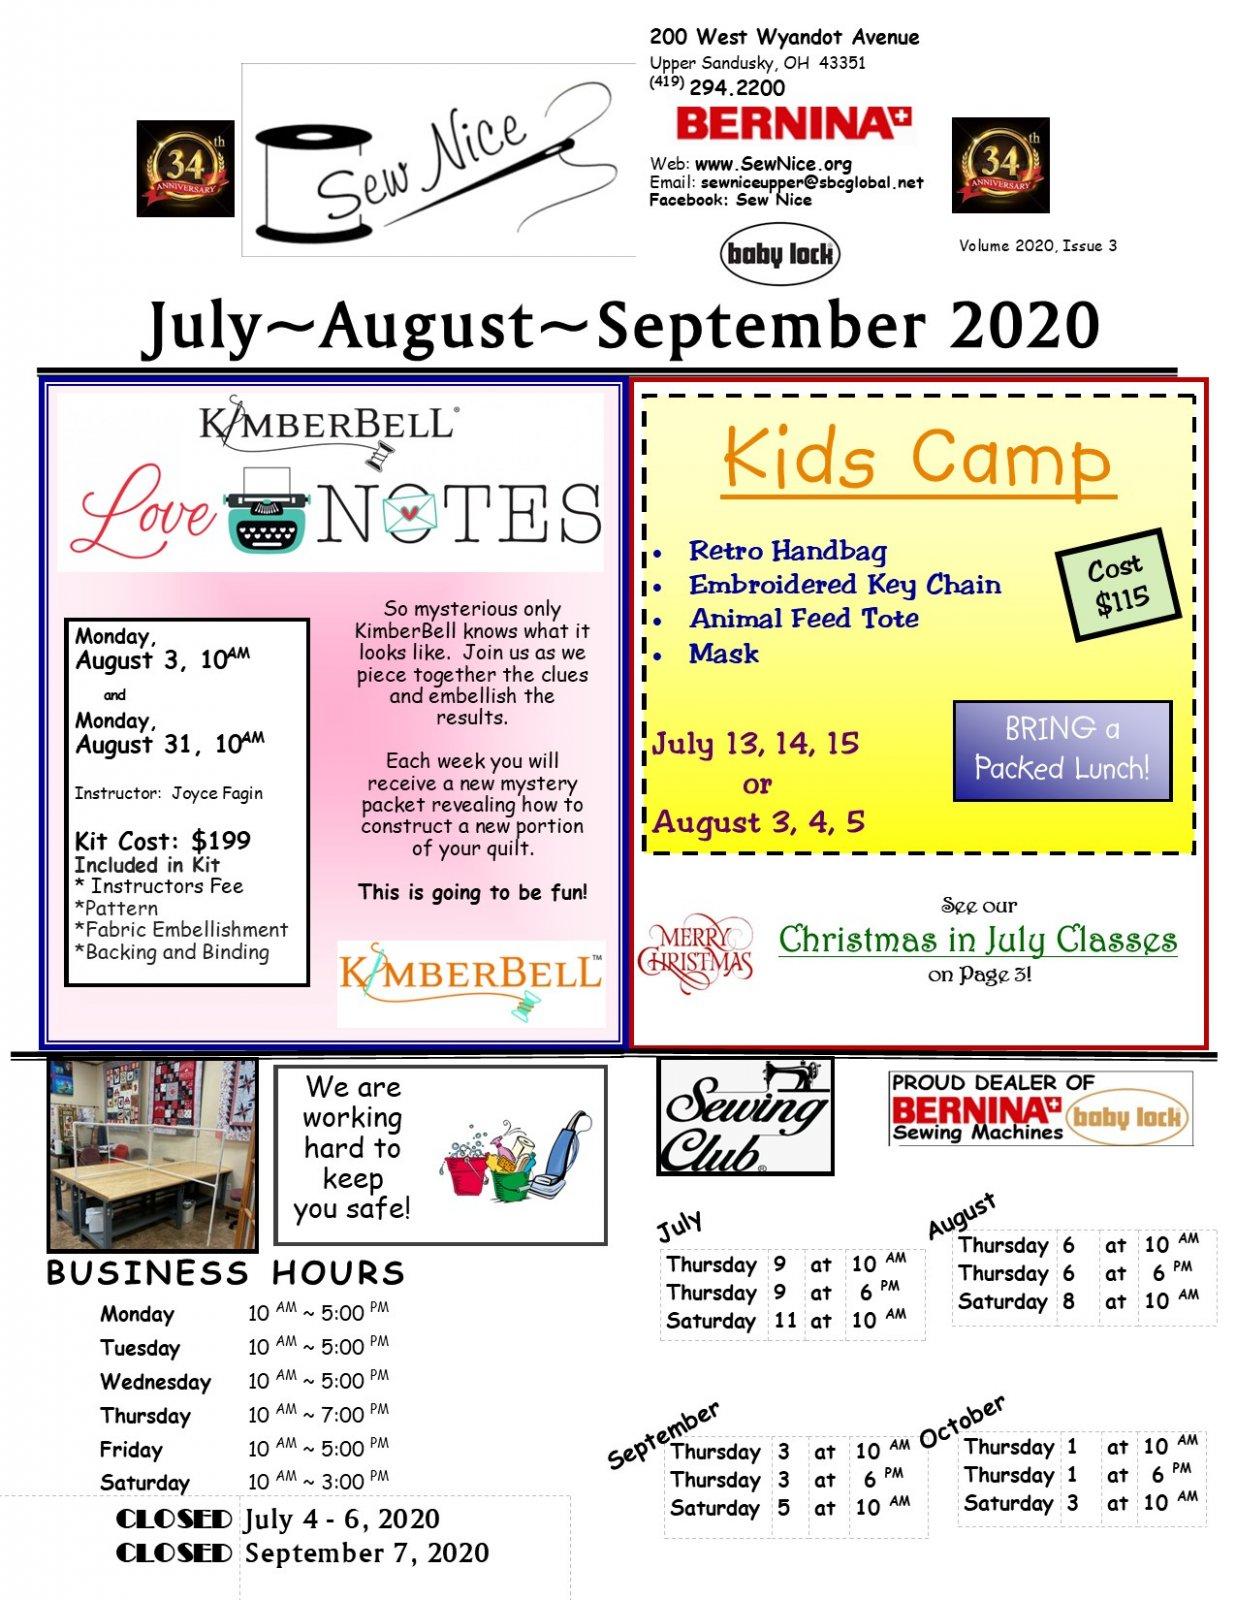 July - August - September 2020